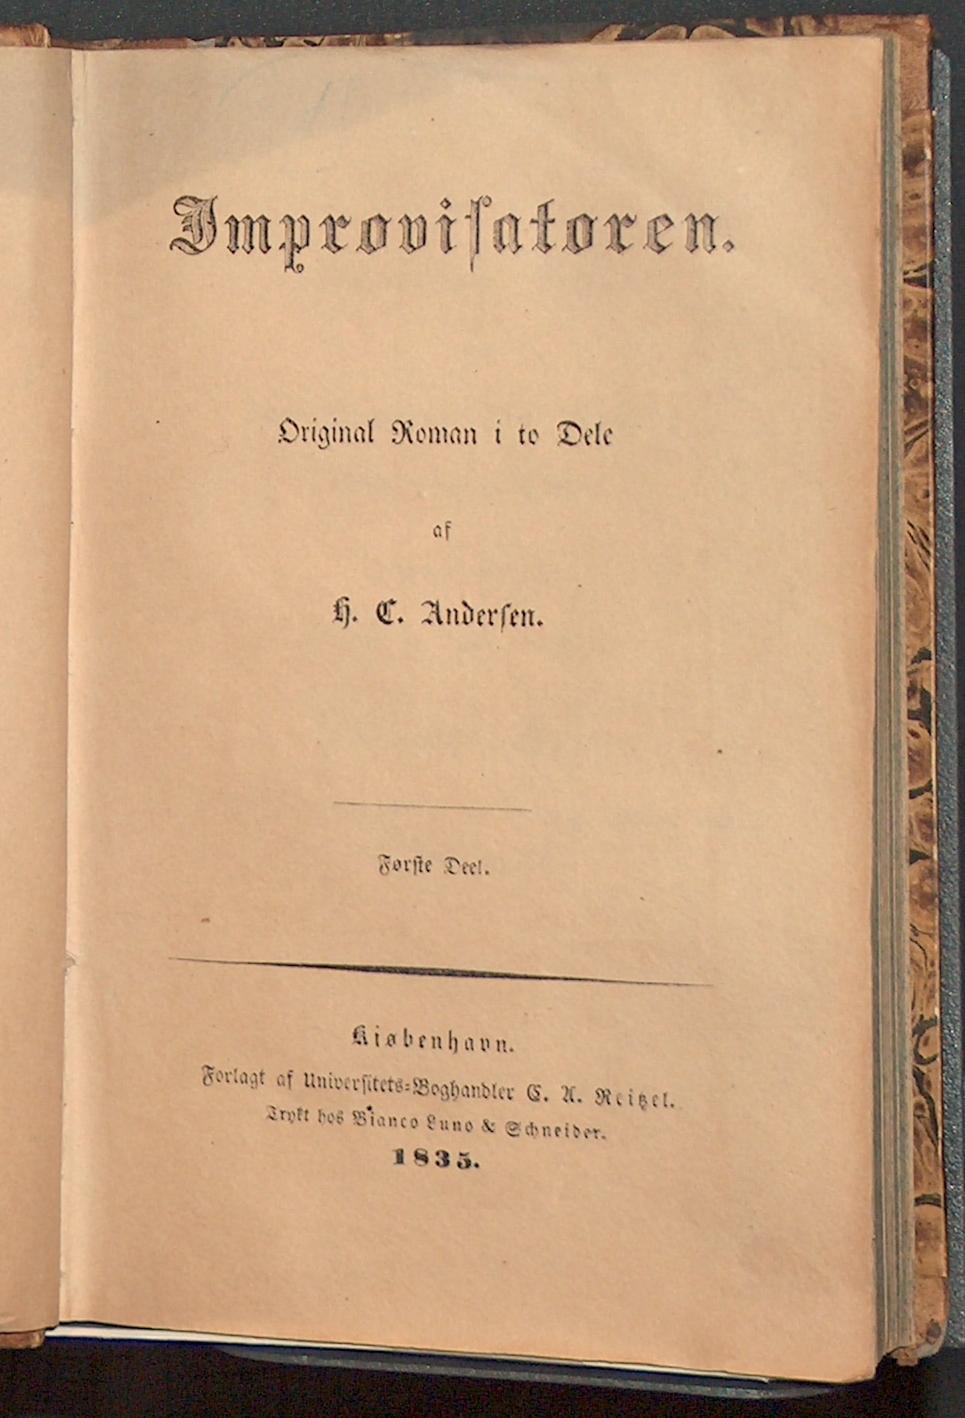 """Den her viste roman er H.C. Andersens første roman """"Improvisatoren"""" og er blevet til efter rejsen til Italien i 1833-1834."""